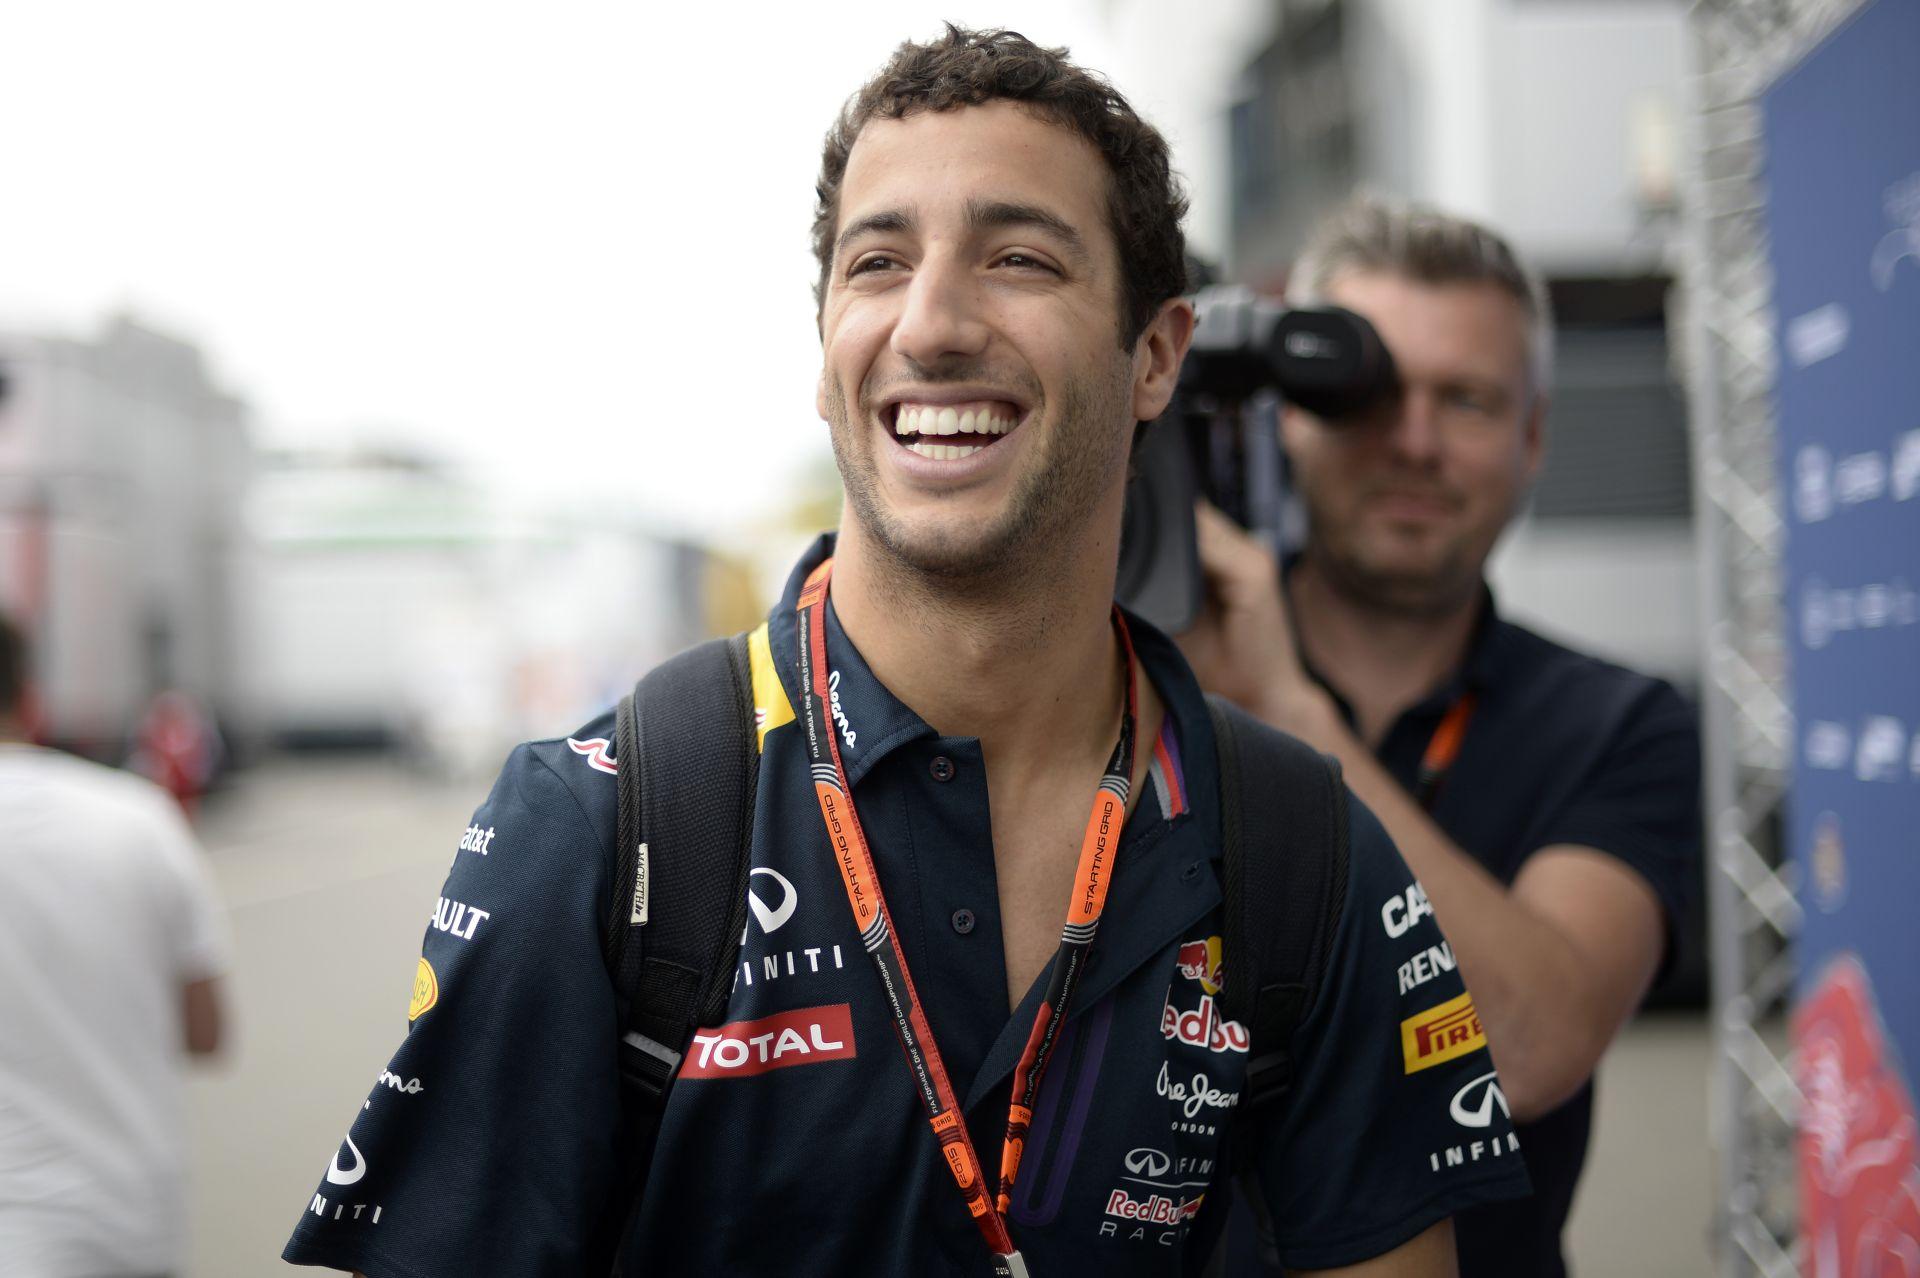 Megnézed, és sírsz a nevetéstől: Ricciardo már megint odatette magát az autóban